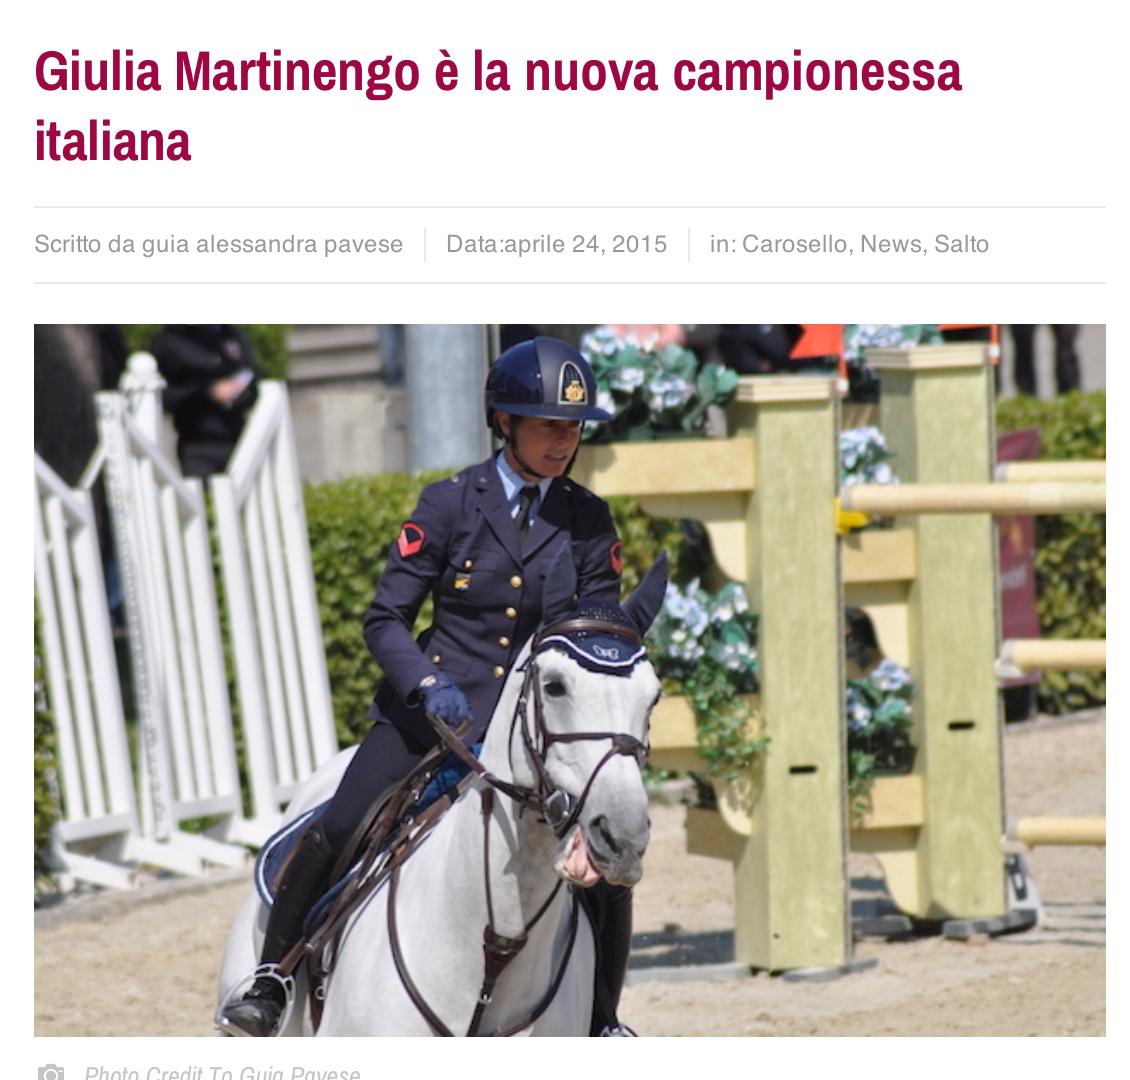 Giulia_Martinengo_è_la_nuova_campionessa_italiana_-_Dothorse_it